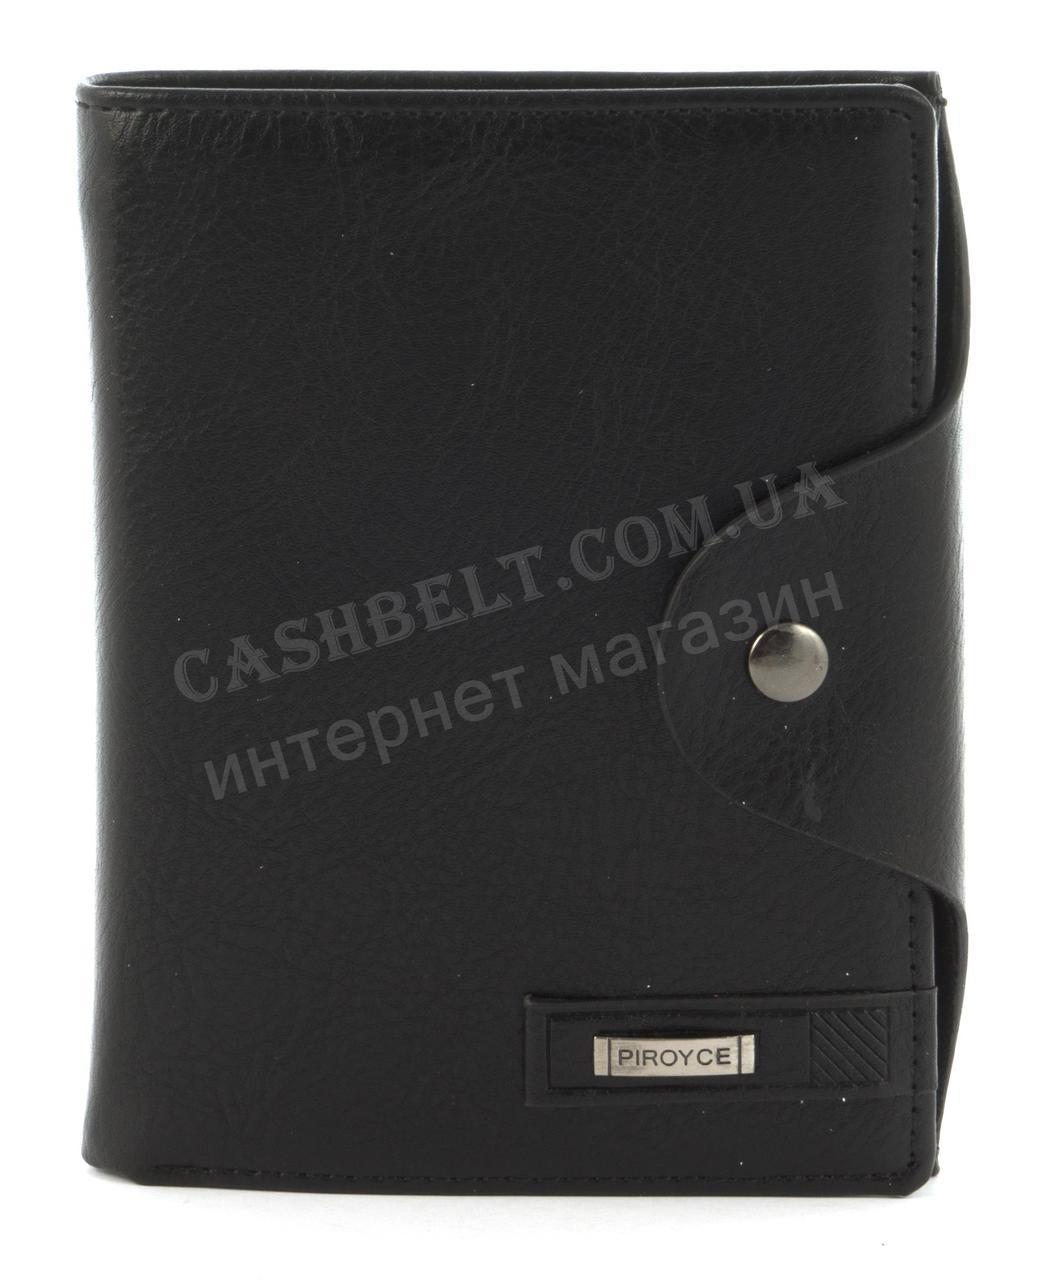 Прочное вместительное портмоне бумажник из эко кожи высокого качестваPIROYCE art. 302-02 черный